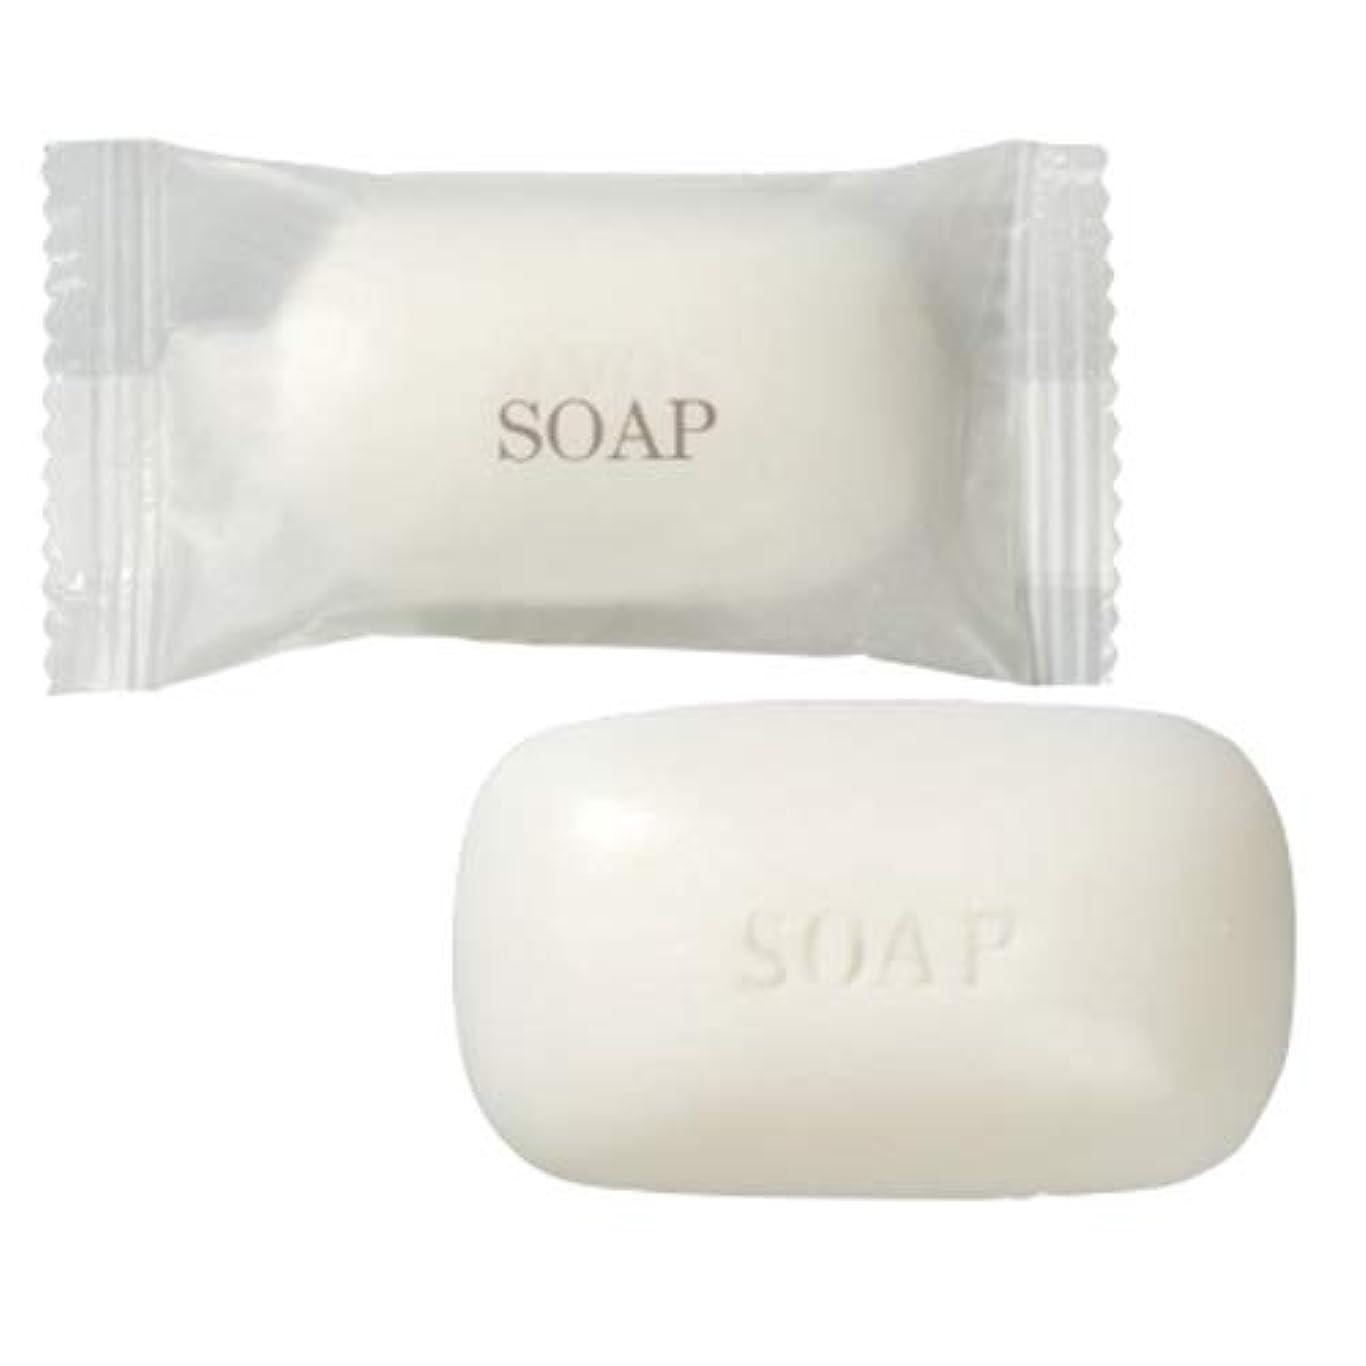 固める規定無駄業務用 フィードソープ(FEED SOAP) マット袋(M袋) 15g ×100個   ホテルアメニティ 個包装